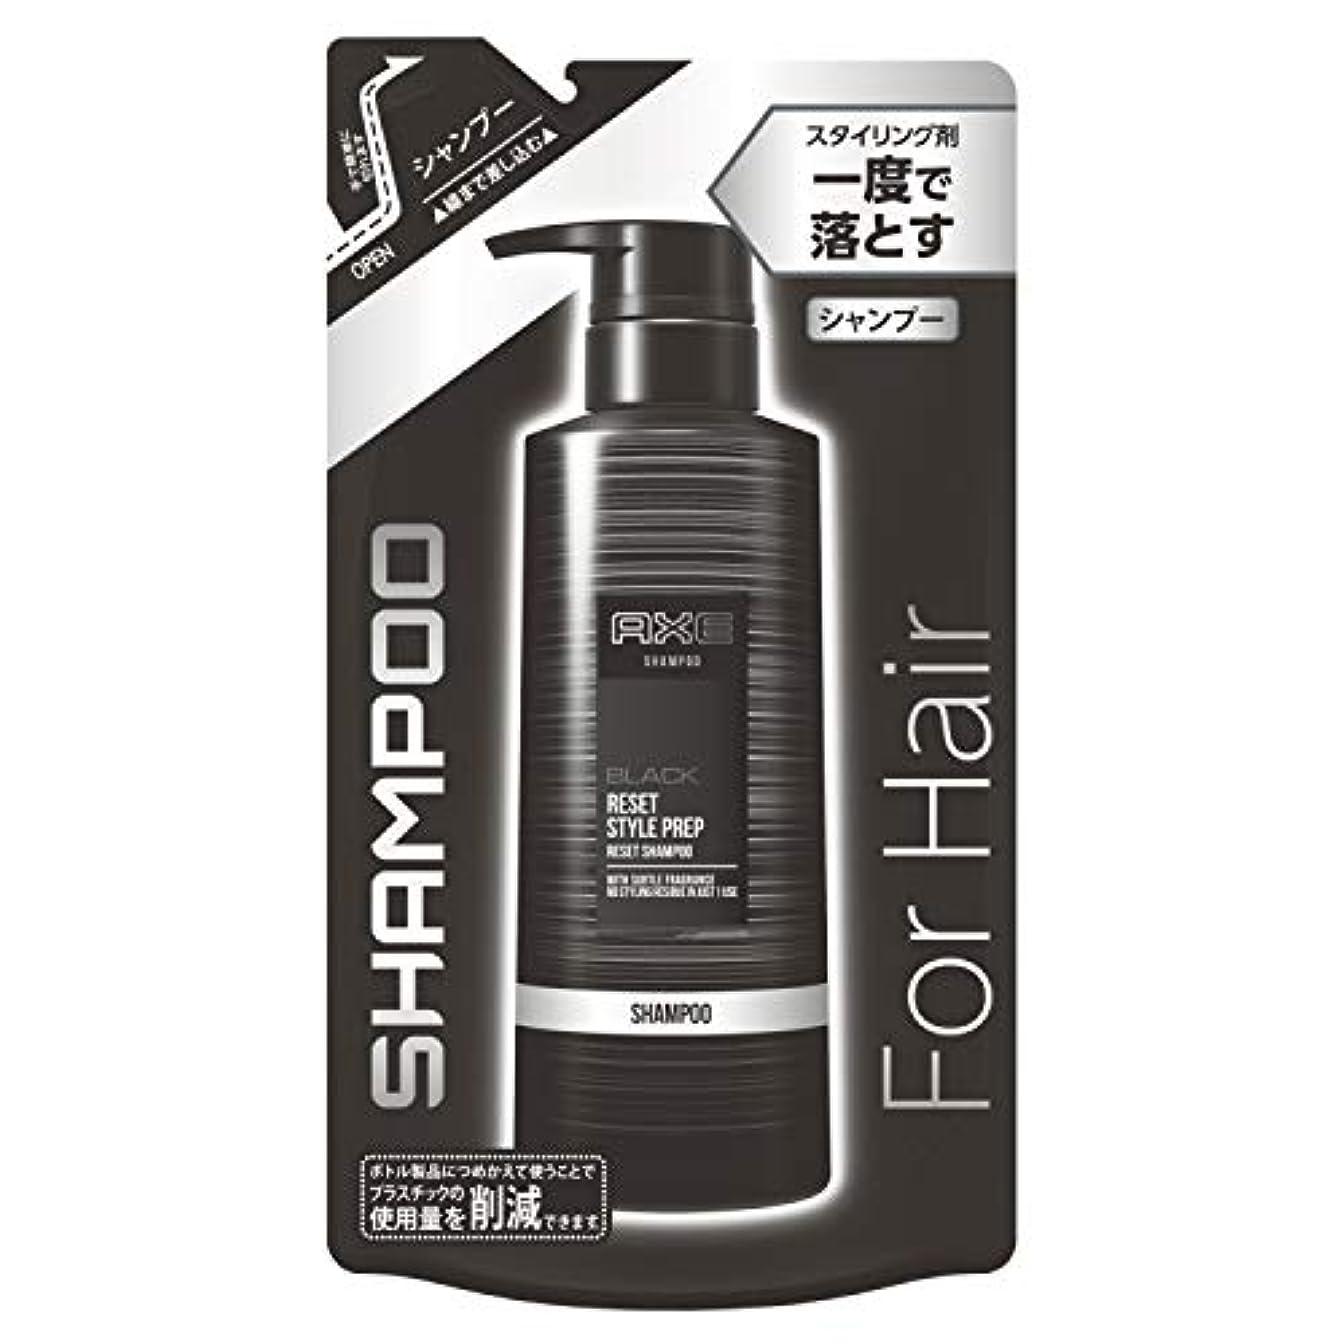 アックス ブラック 男性用 シャンプー つめかえ用 (スタイリング剤 1度で激落ち) 280g (クールマリンのさりげない香り)